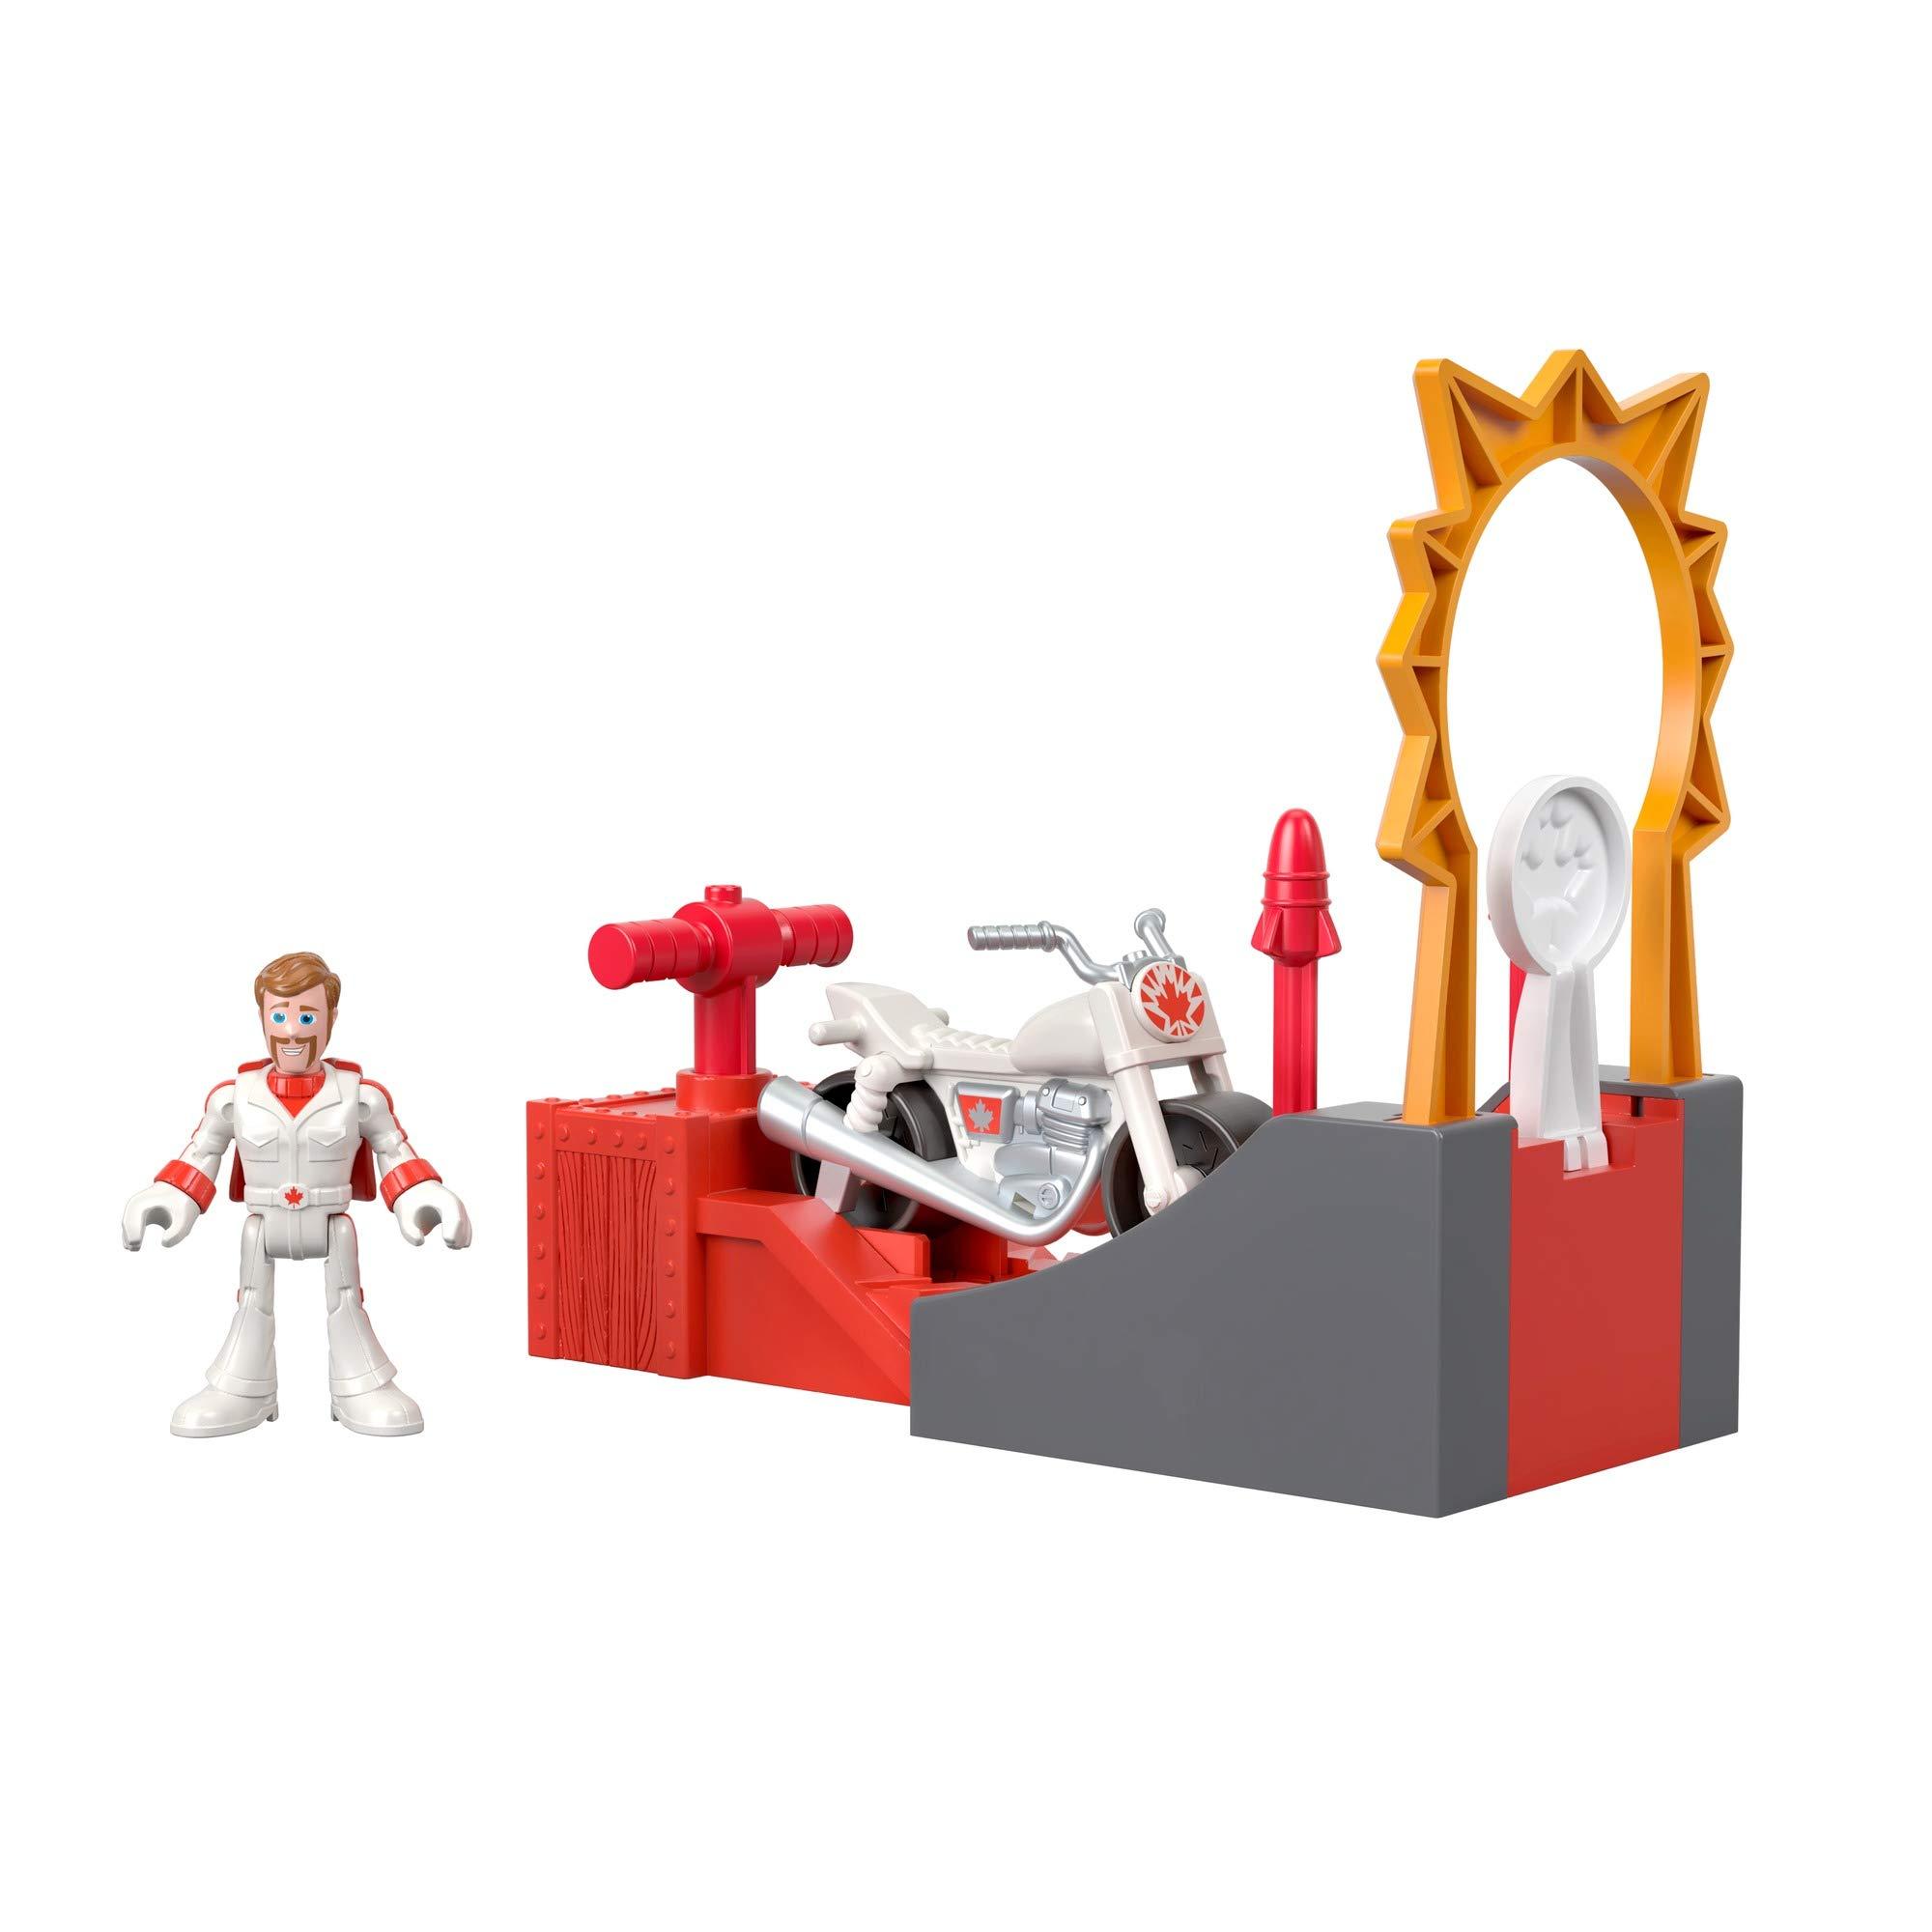 ویکالا · خرید  اصل اورجینال · خرید از آمازون · Toy Story Fisher-Price Disney Pixar 4 Stuntman wekala · ویکالا